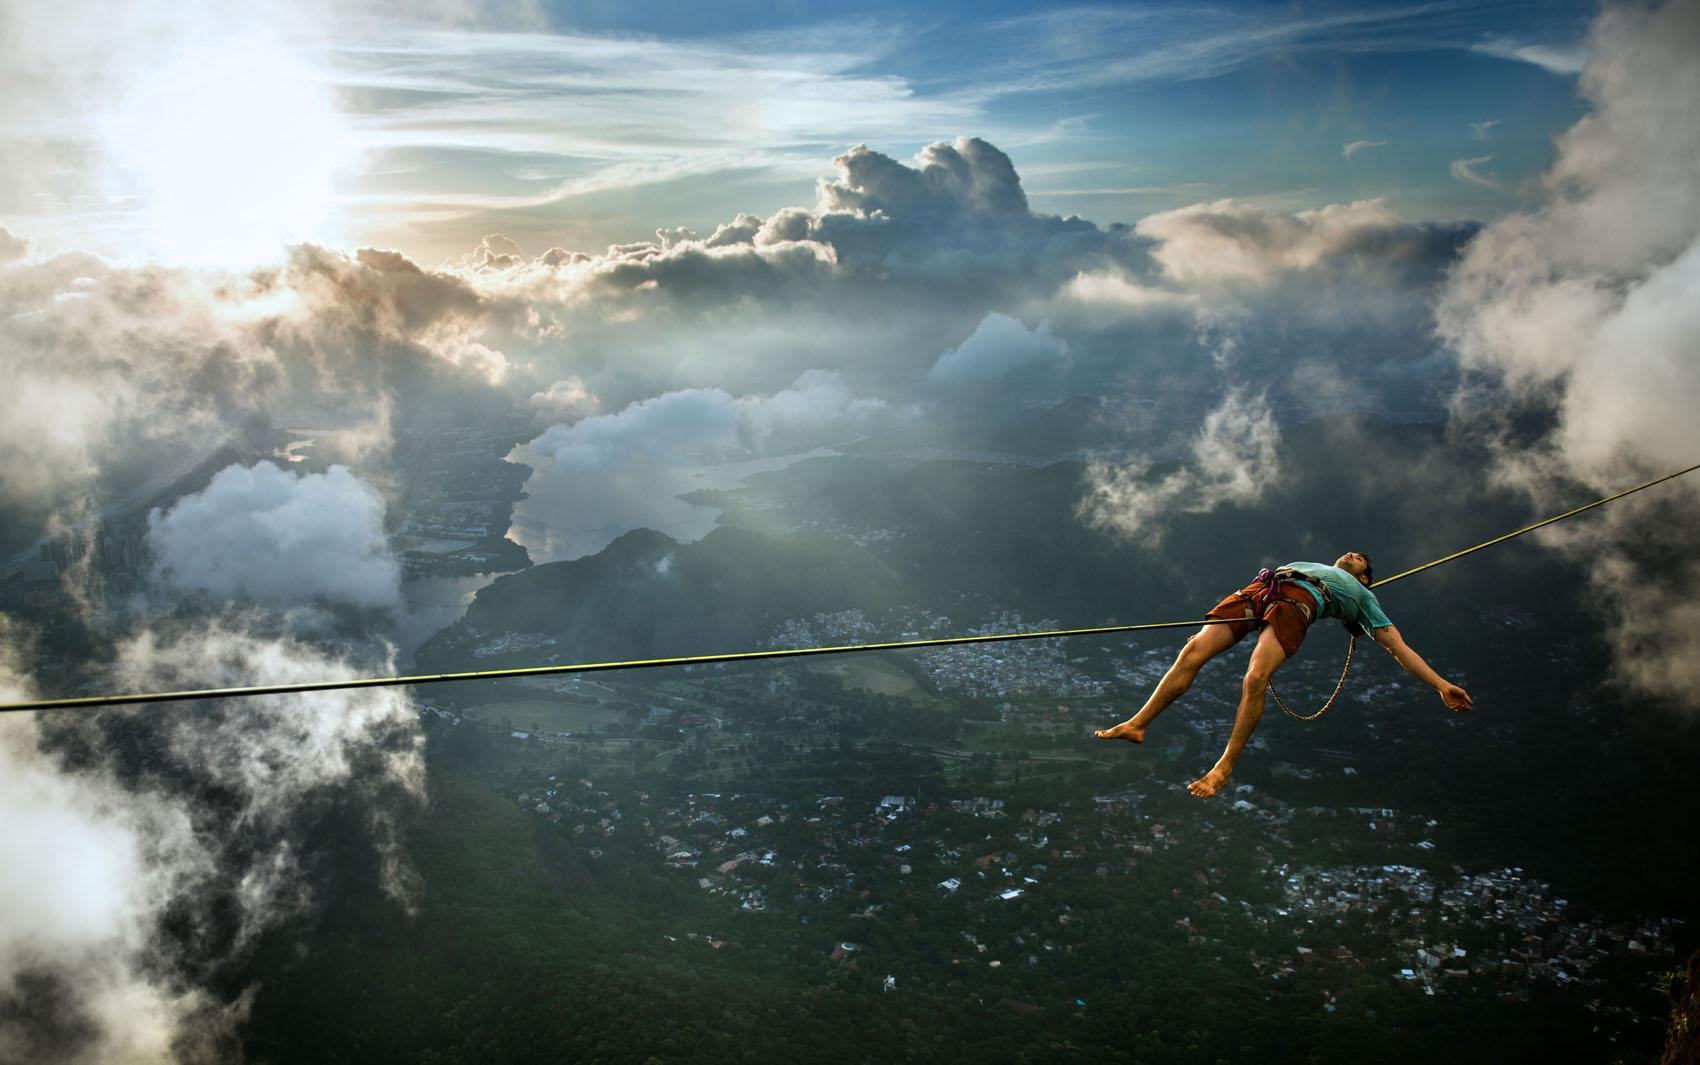 Brian Mosbaugh descansa durante travessia em corda instalada na Pedra da Gávea no Rio de Janeiro, quase 3 mil metros acima do mar.